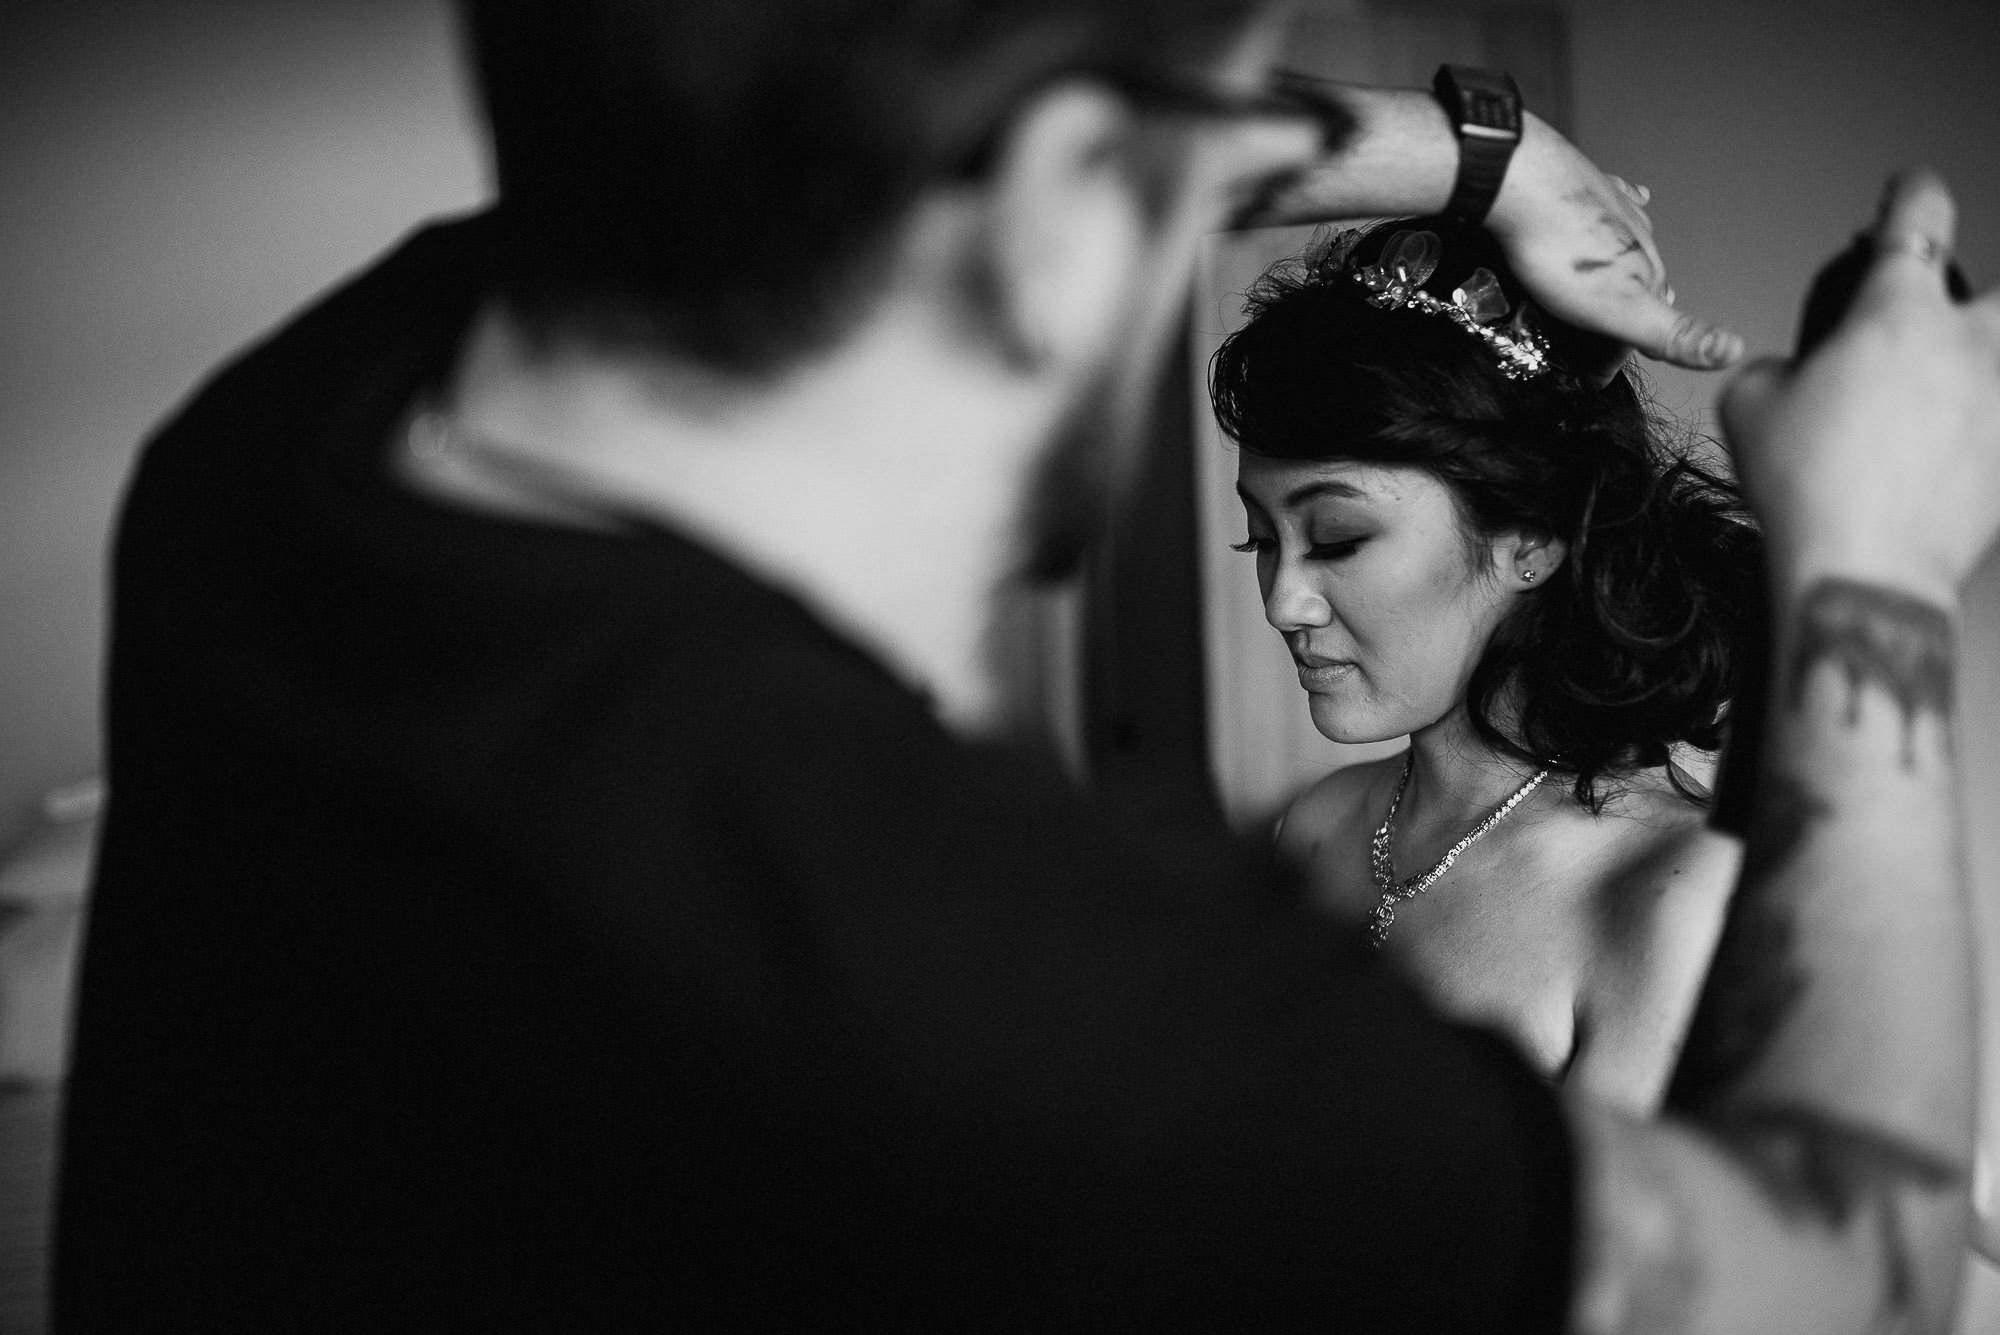 iceland-wedding-photographer_jere-satamo_photography-reykjavik-014.jpg